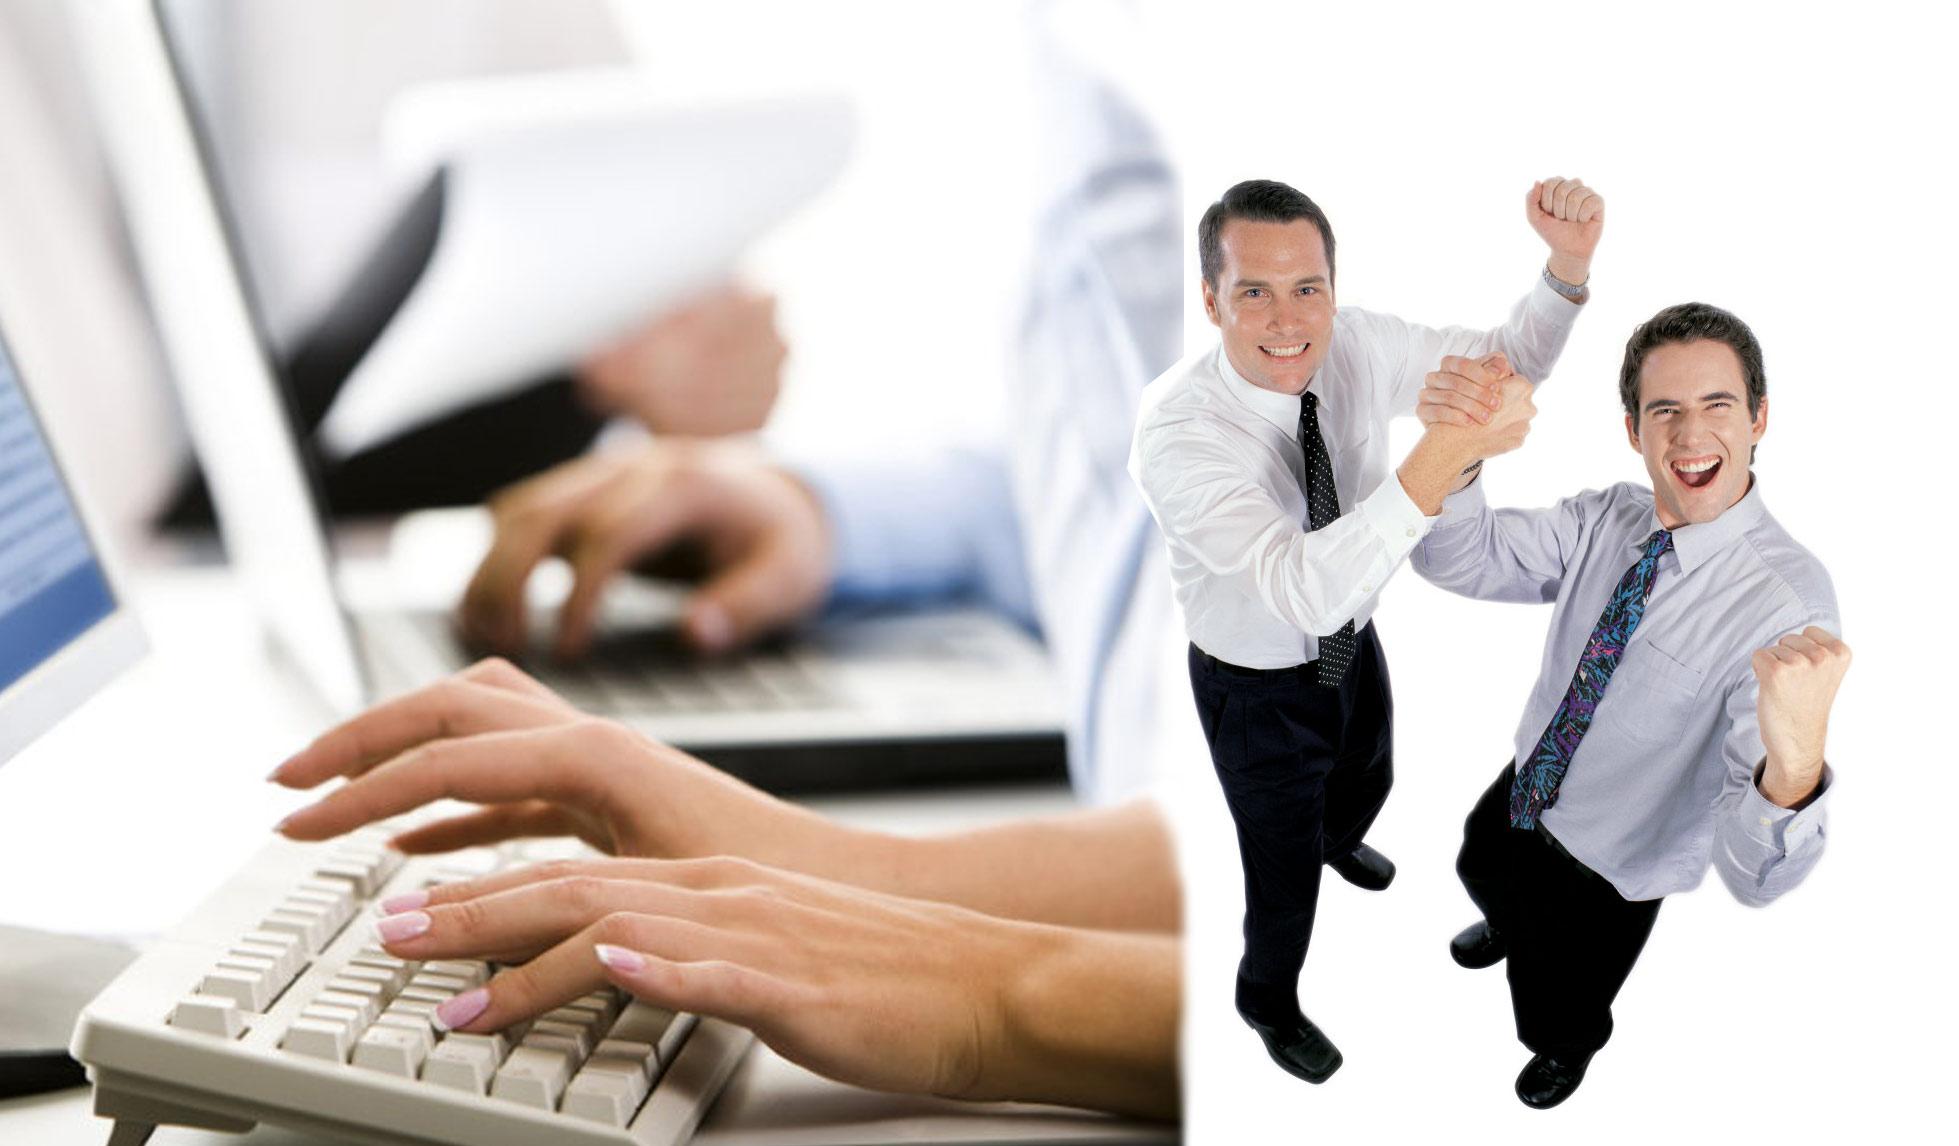 SilverVn.com -  Khi mà bắt đầu làm ăn buôn  bán mọi người cần tạo dựng những gì cho công việc kinh doanh của các bạn